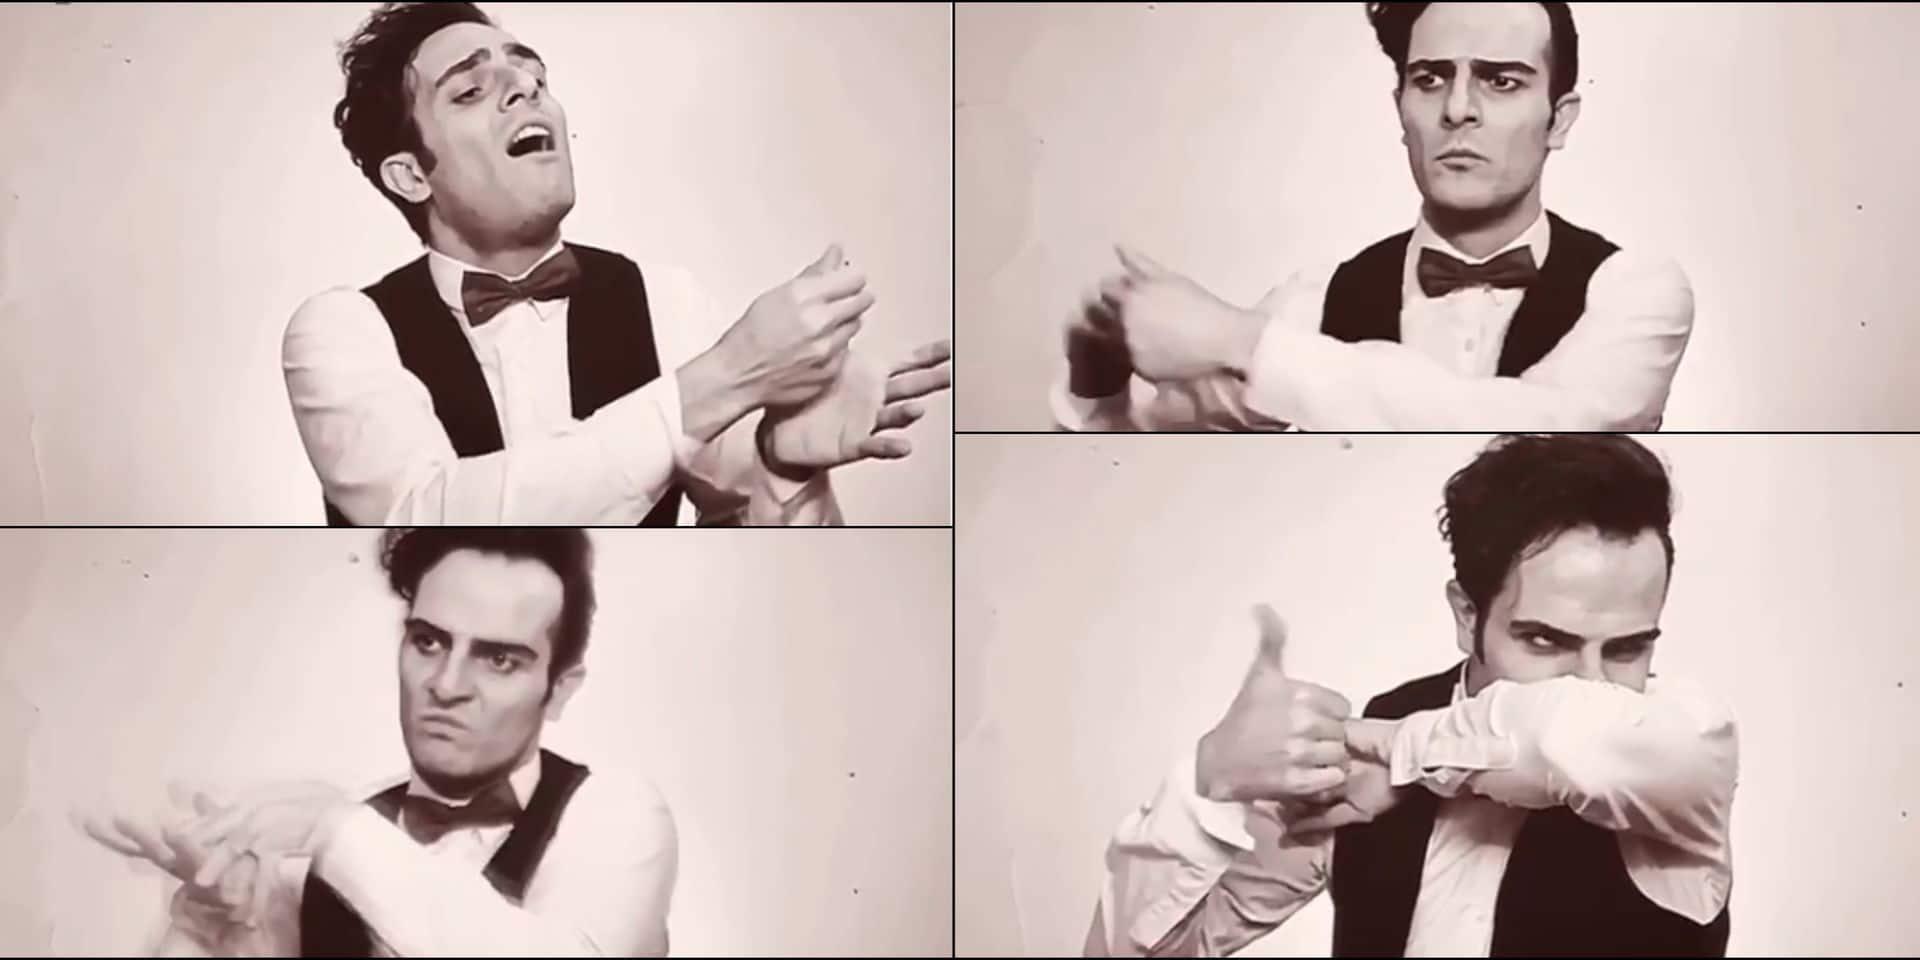 La vidéo très drôle d'un artiste iranien qui montre comment se laver les mains... à la manière d'un chef d'orchestre !